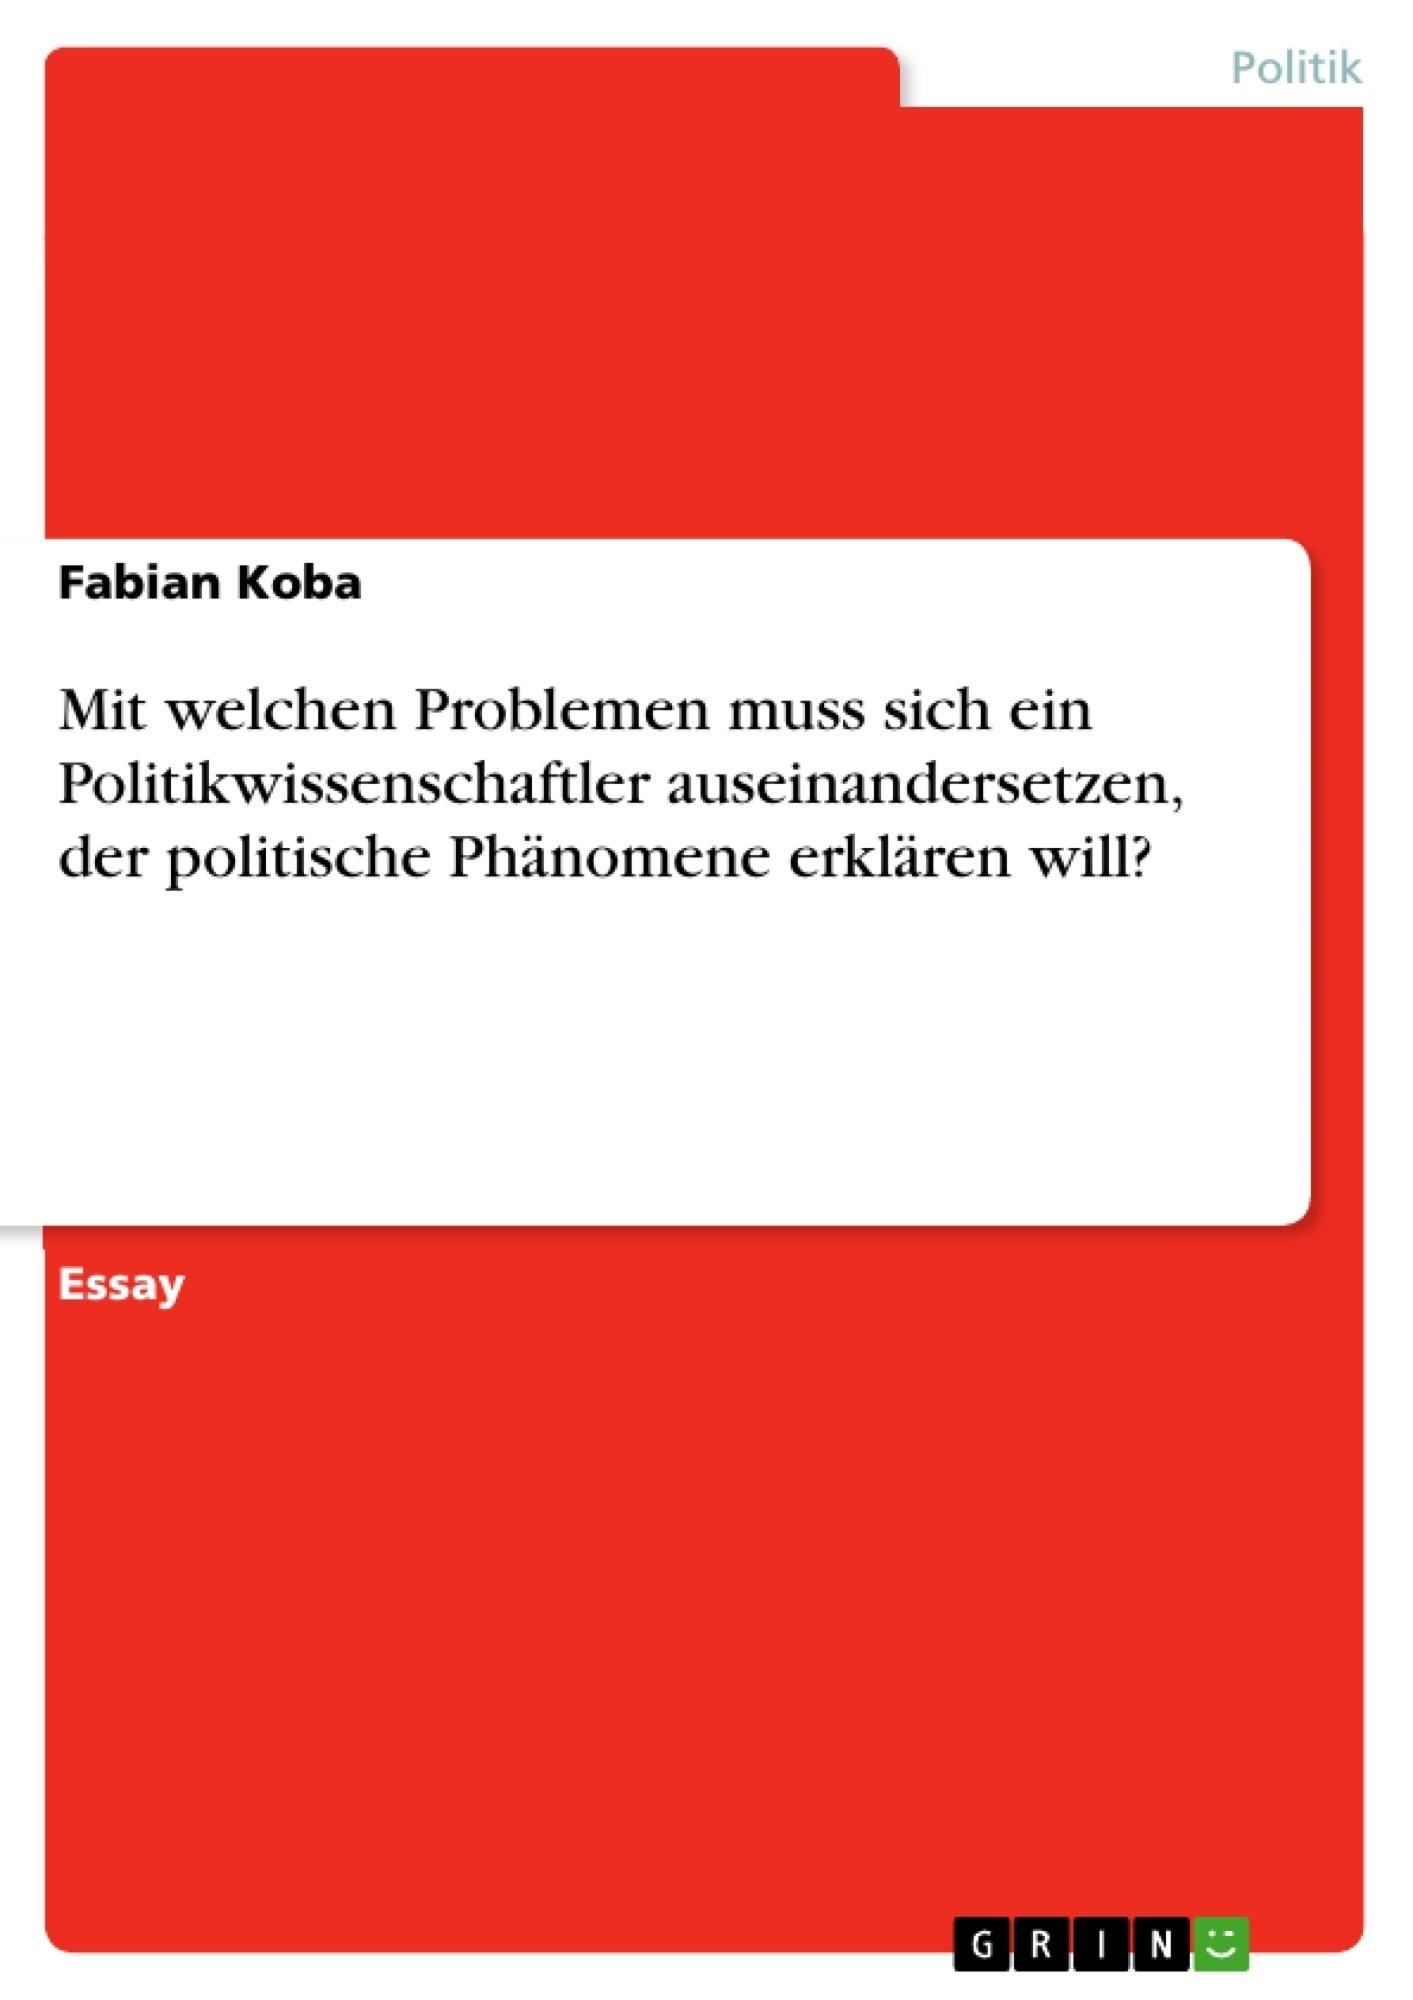 Titel: Mit welchen Problemen muss sich ein Politikwissenschaftler auseinandersetzen, der politische Phänomene erklären will?